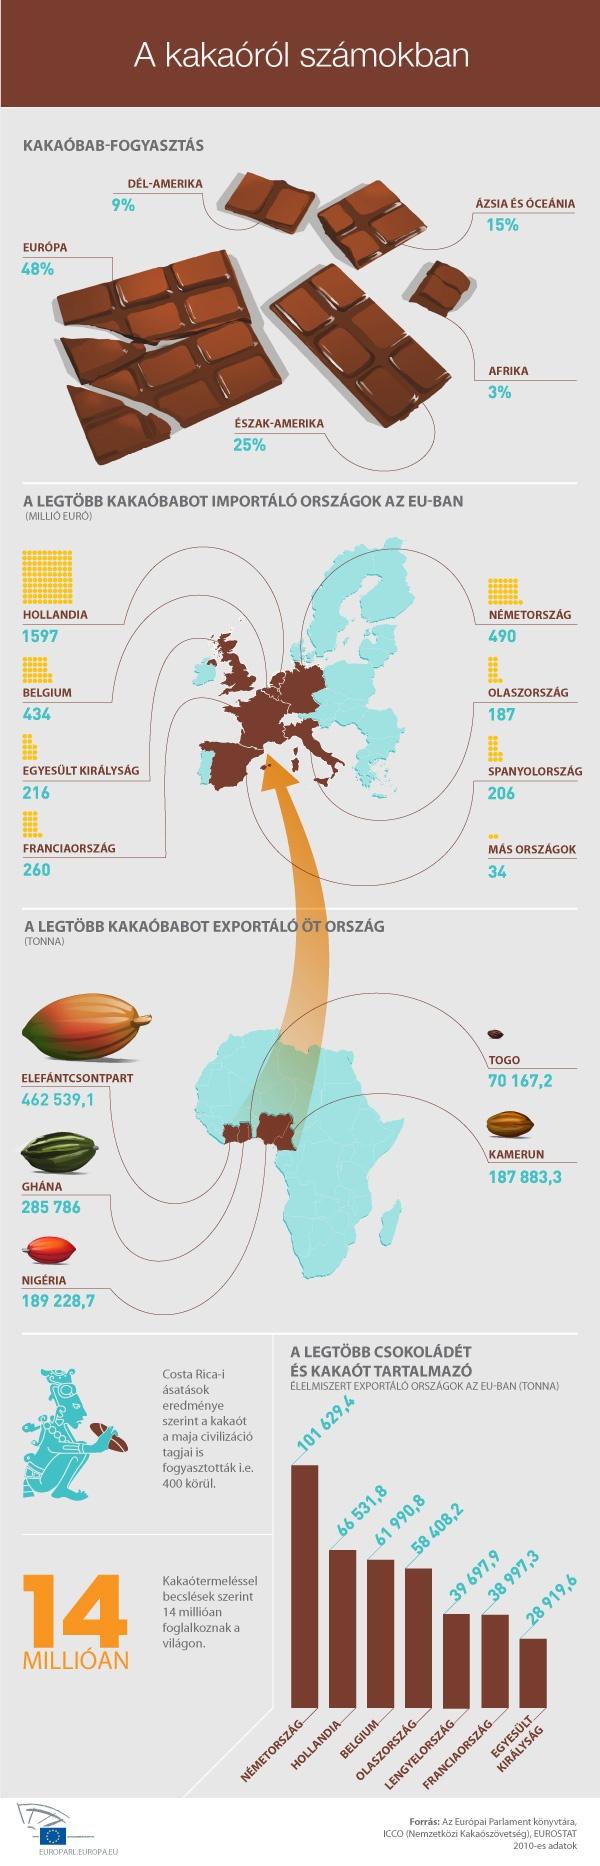 http://www.europarl.europa.eu/news/hu/headlines/content/20120309STO40295/html/A-nemzetk%C3%B6zi-kaka%C3%B3meg%C3%A1llapod%C3%A1sr%C3%B3l-szavaz-az-EP